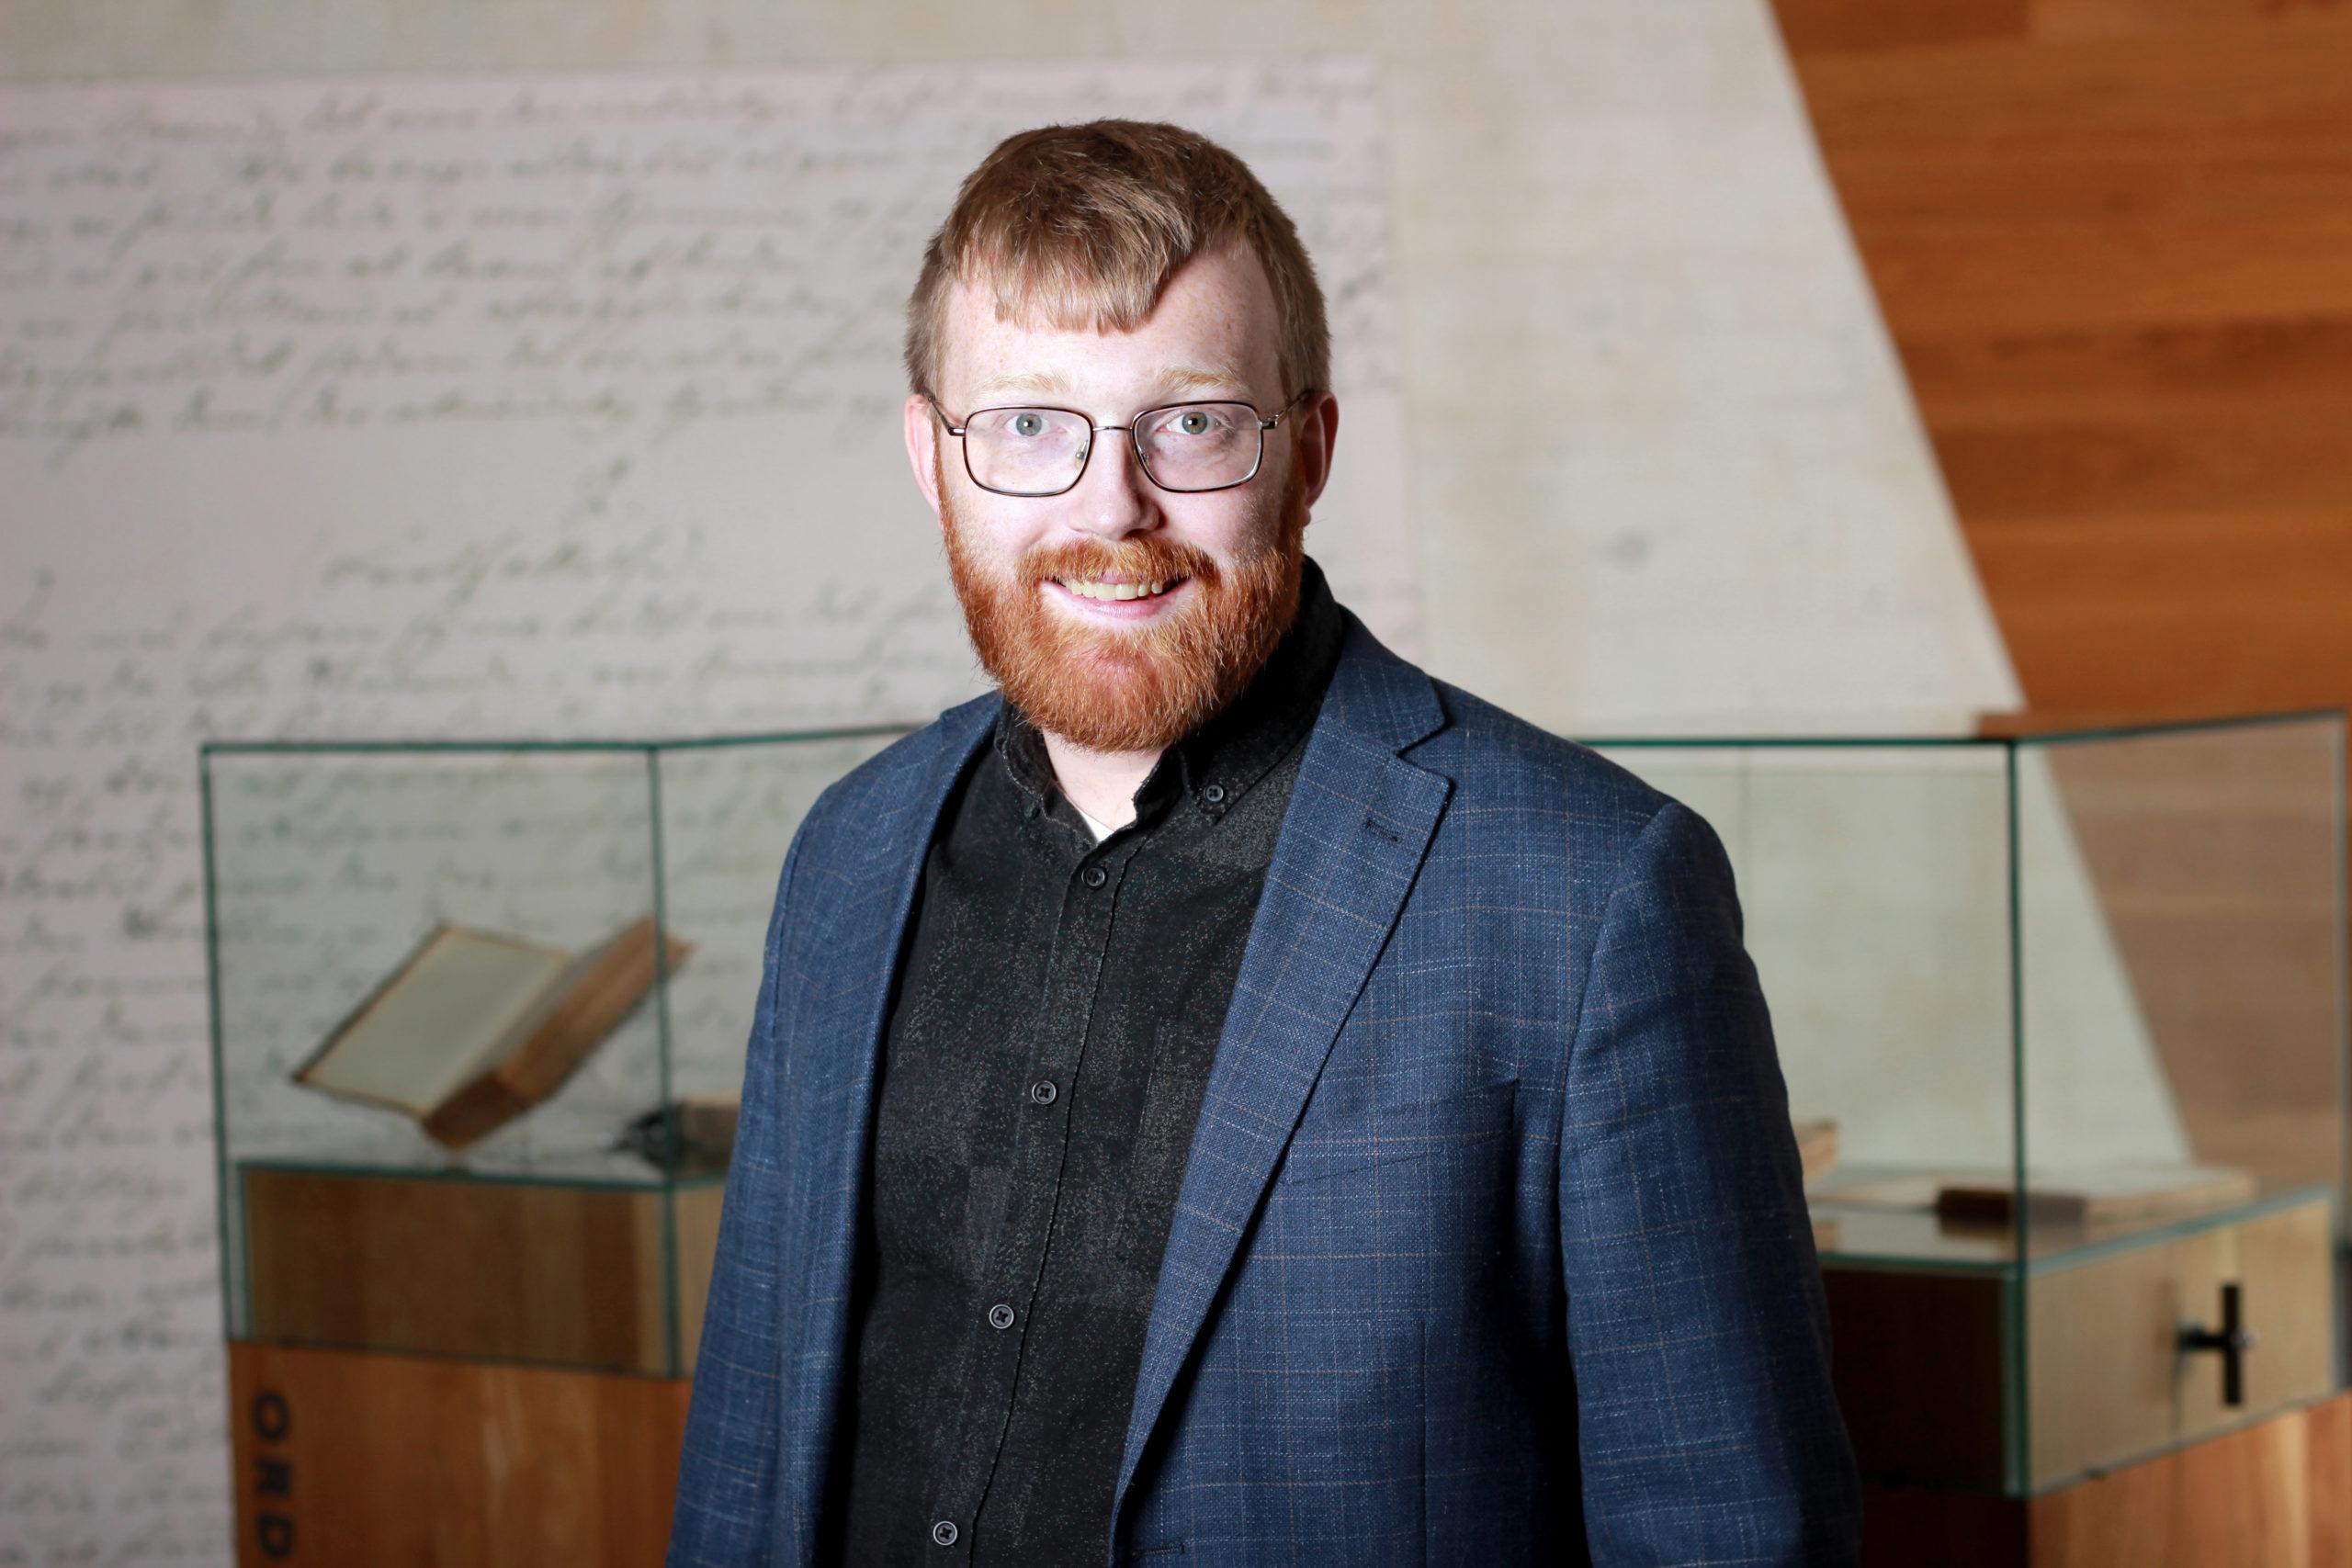 Bilete av direktør i nynorsk kultursentrum Per Magnus Finnanger Sandsmark.